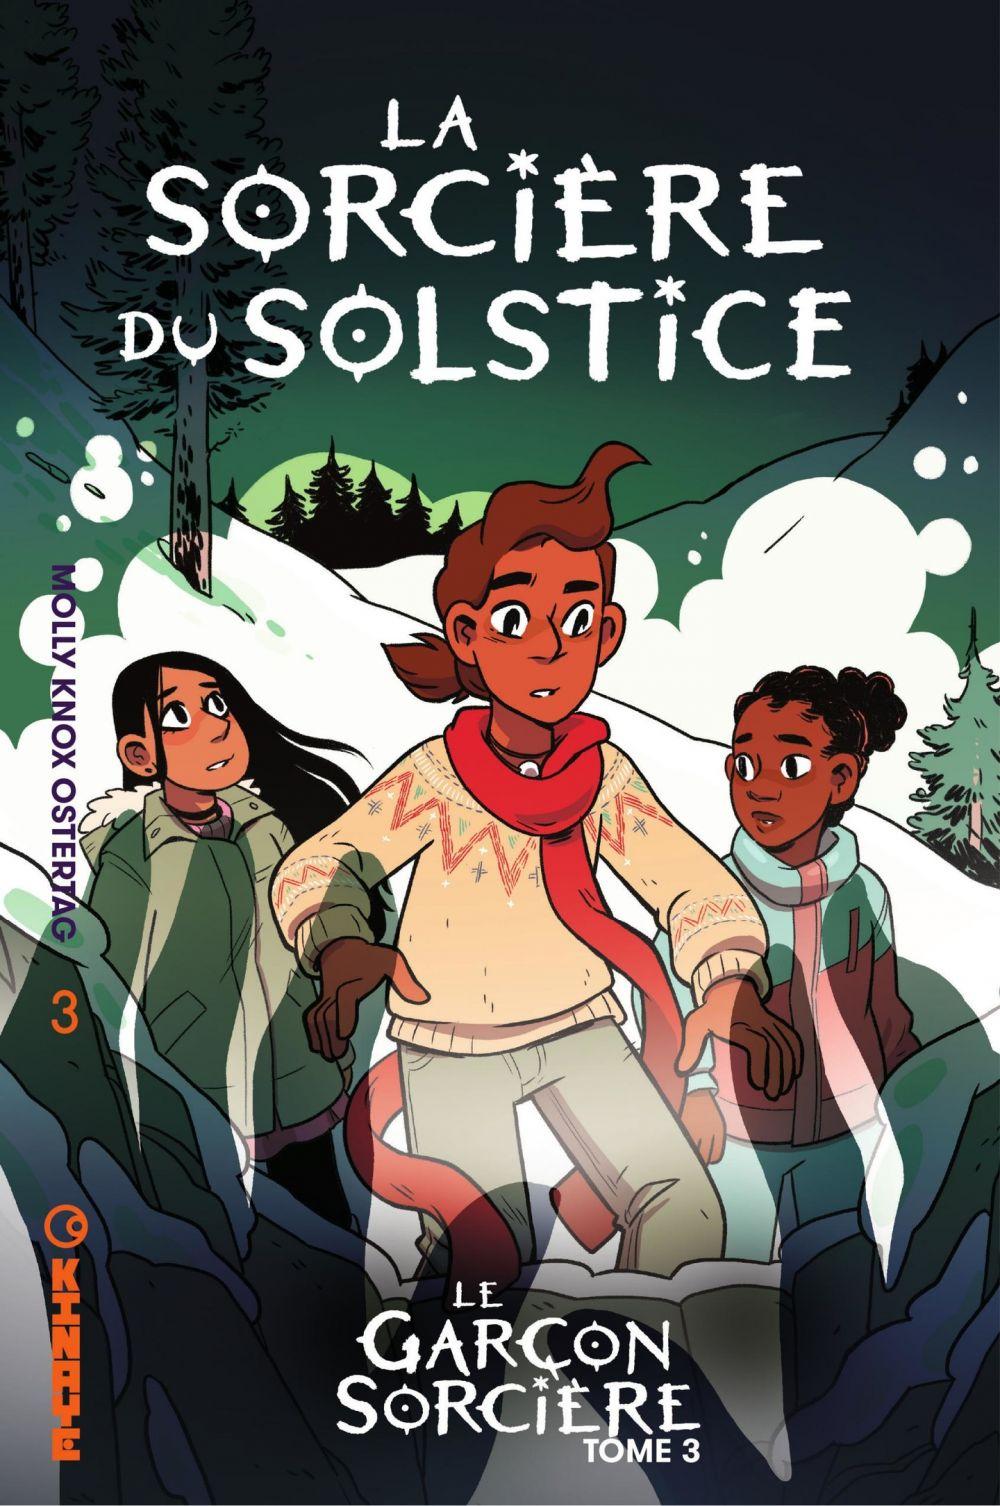 Le Garçon Sorcière - Tome 3 - La Sorcière du Solstice   Ostertag, Molly Knox. Auteur